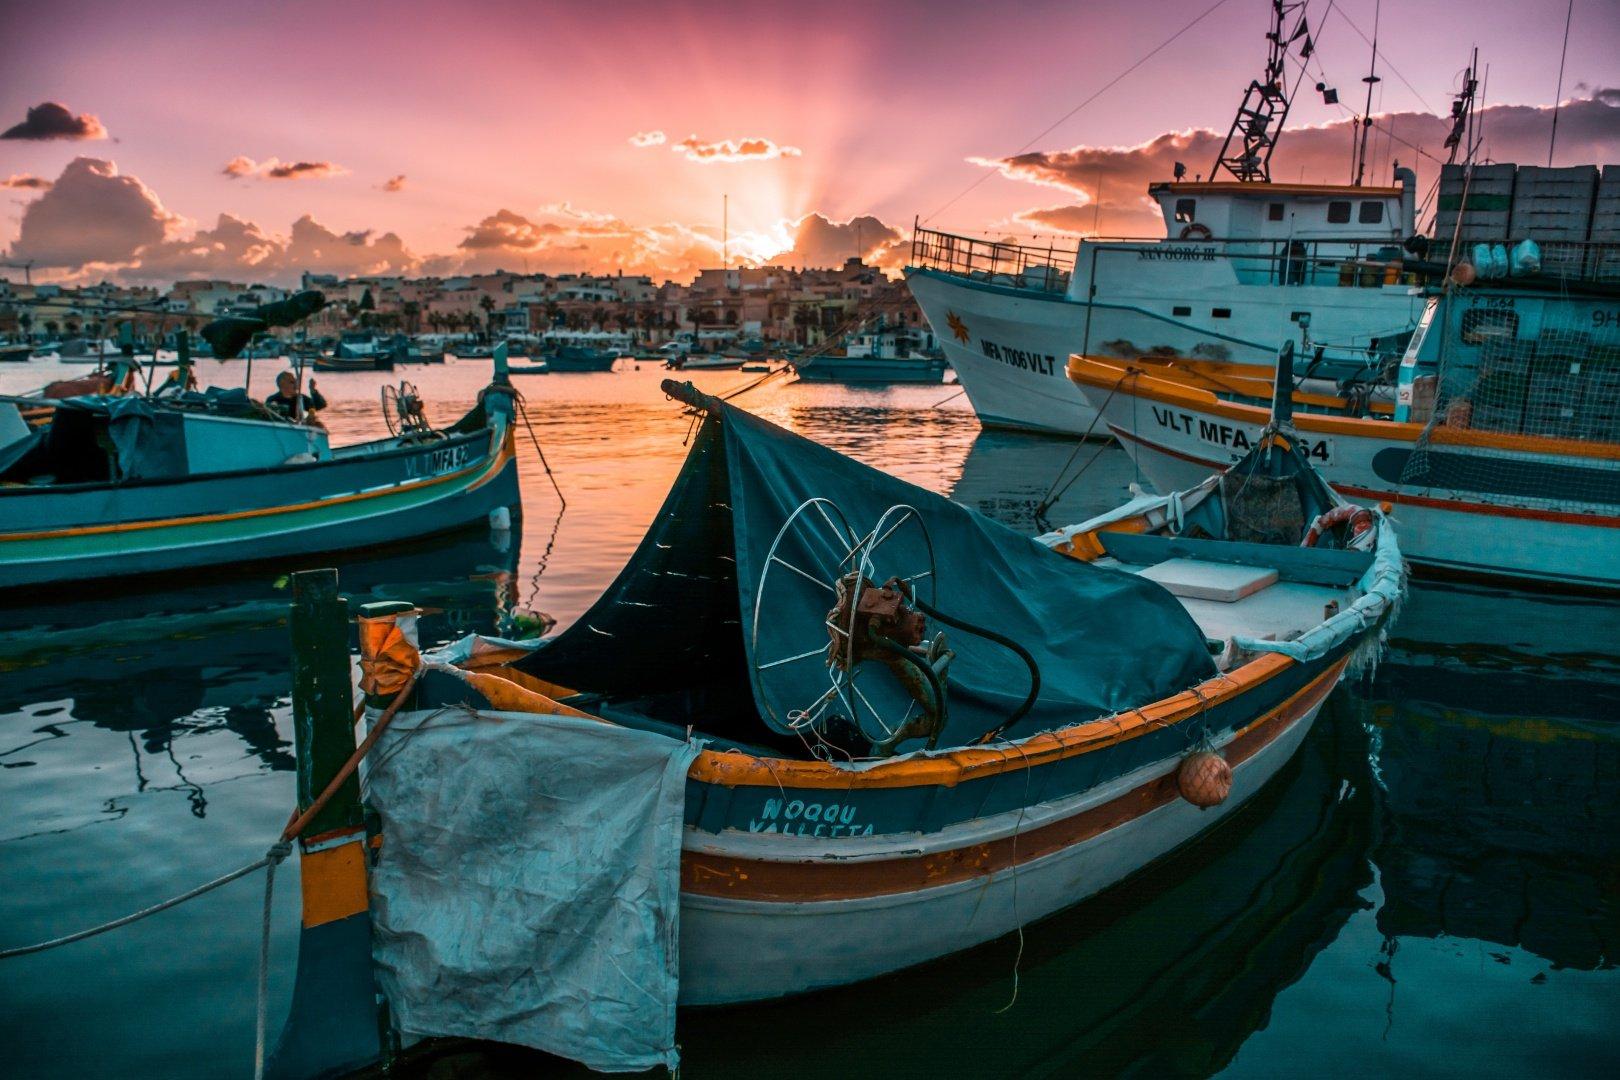 remi yuan 568560 unsplash - De 15 mooiste plekken op Malta: van paradijselijke baaien tot eeuwenoude dorpjes